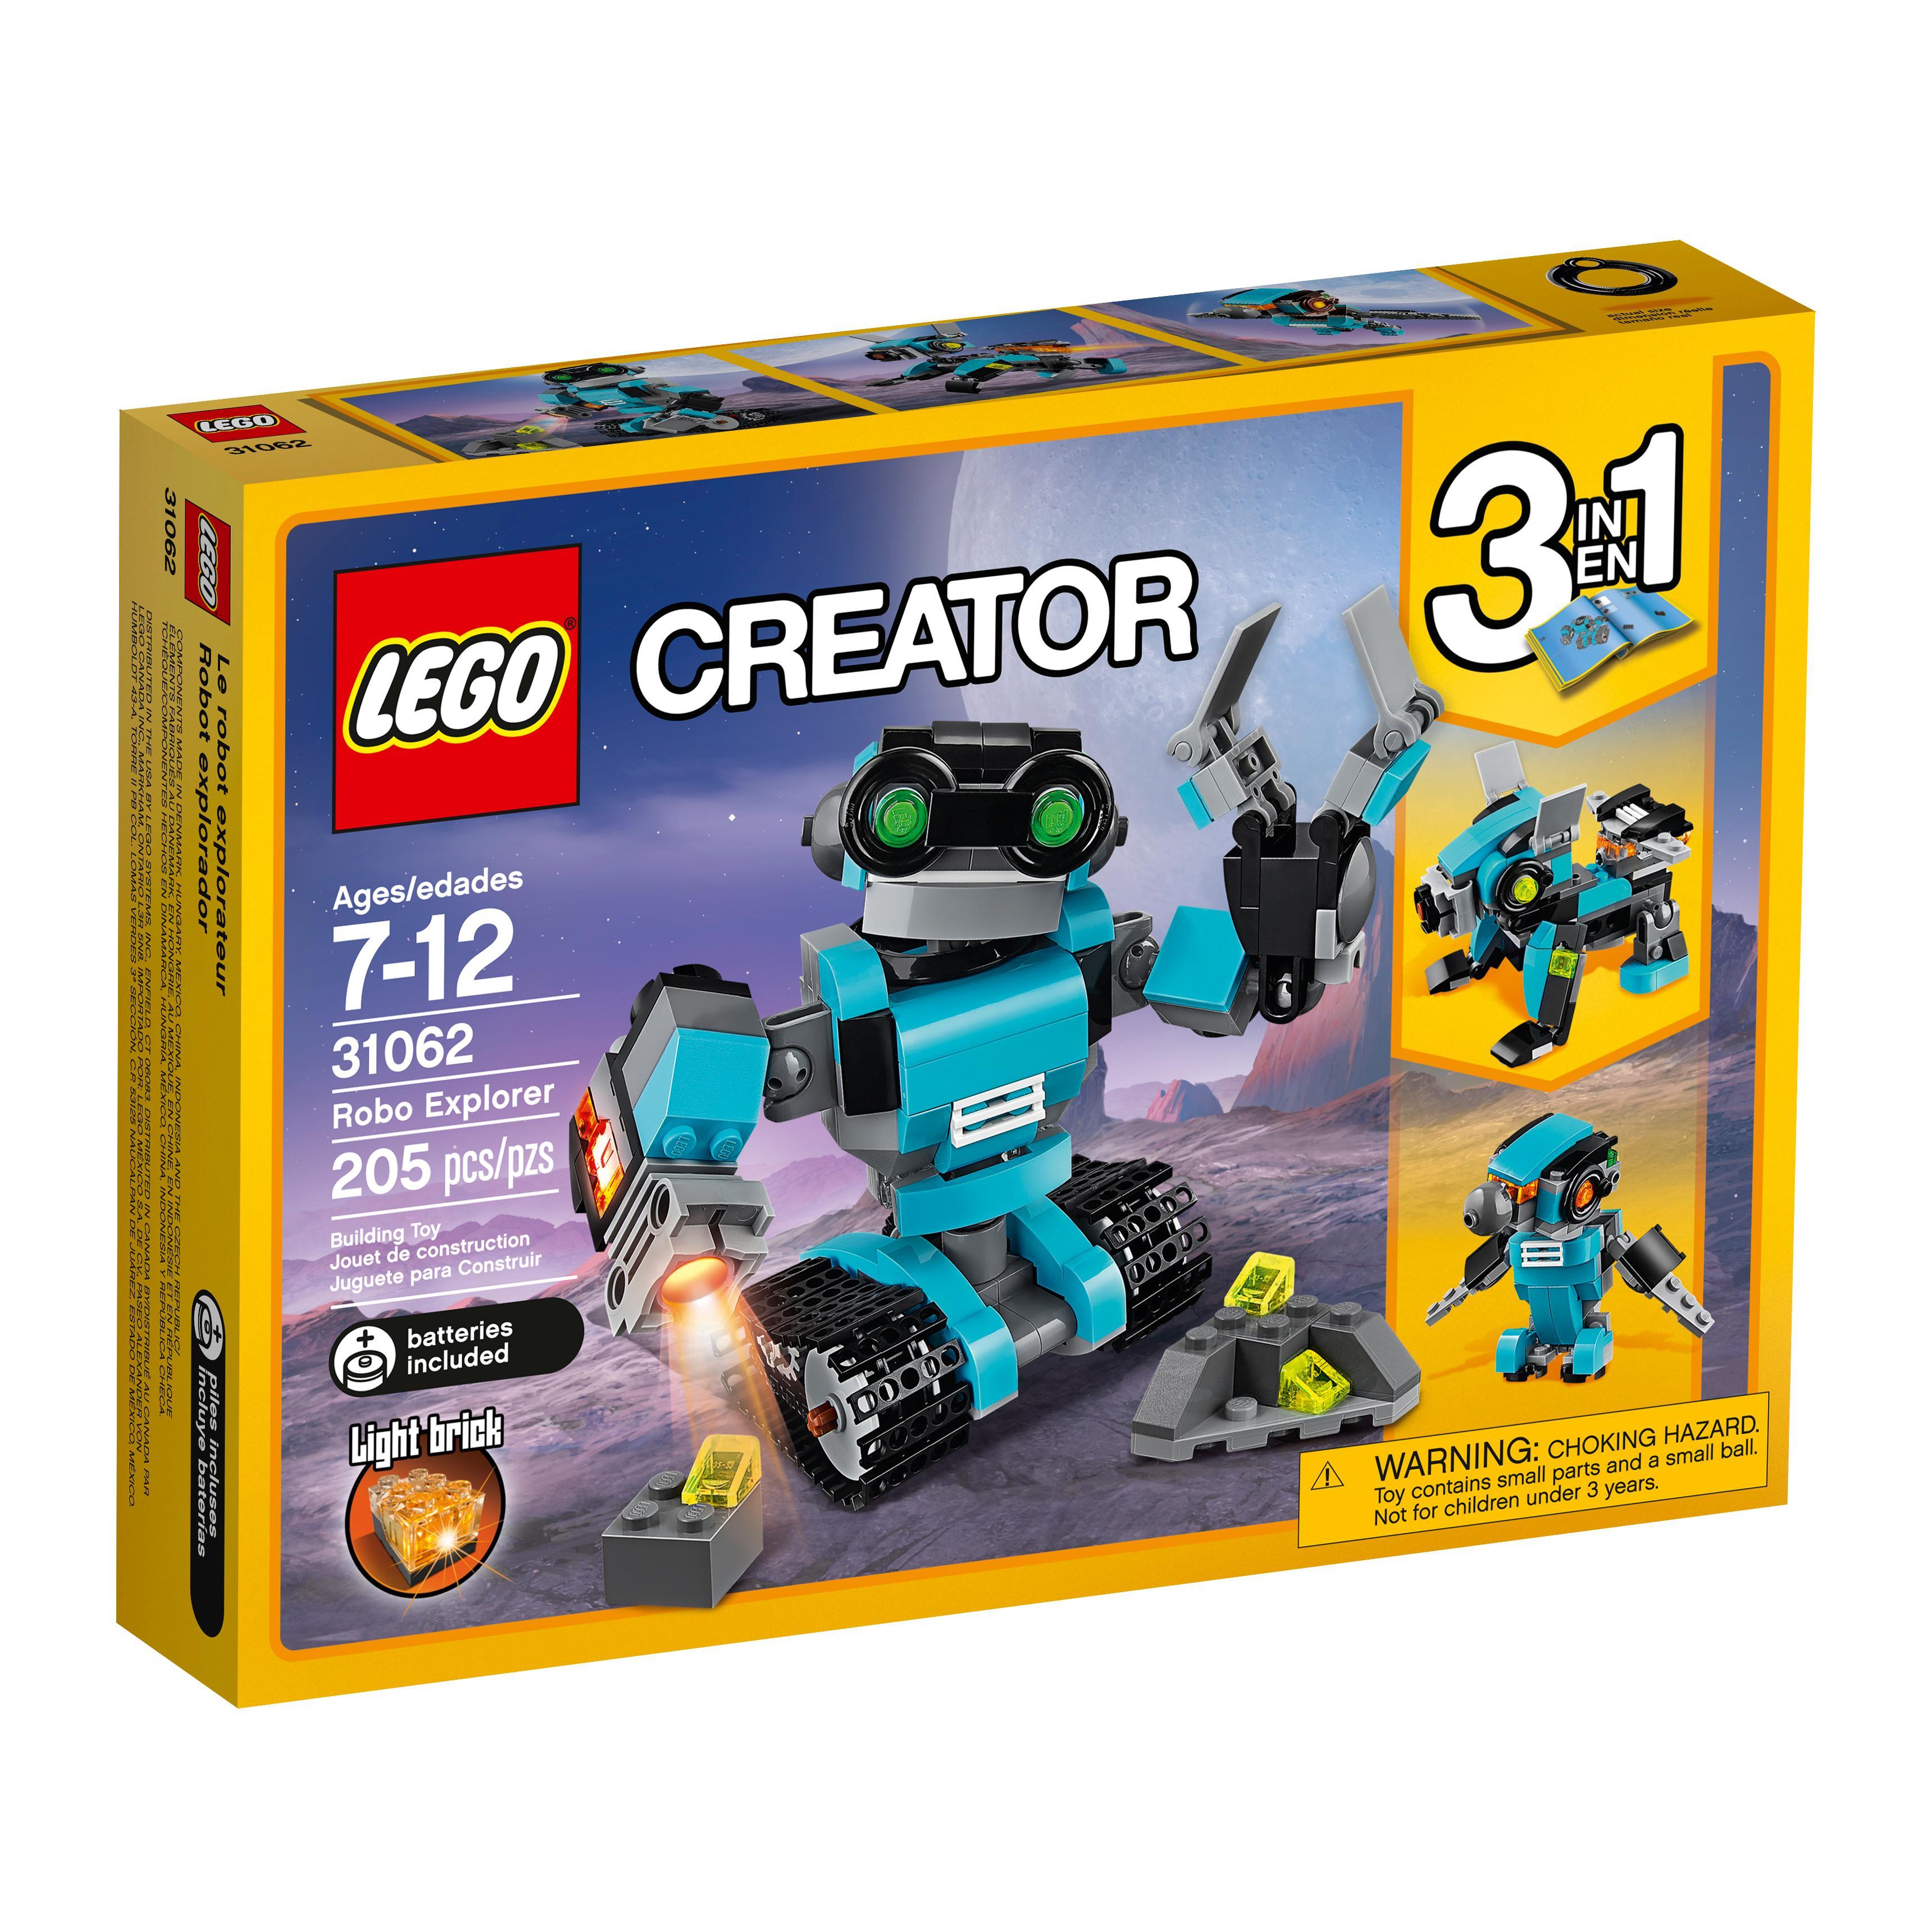 lego creator robo explorer 31062 robot toy building sets. Black Bedroom Furniture Sets. Home Design Ideas